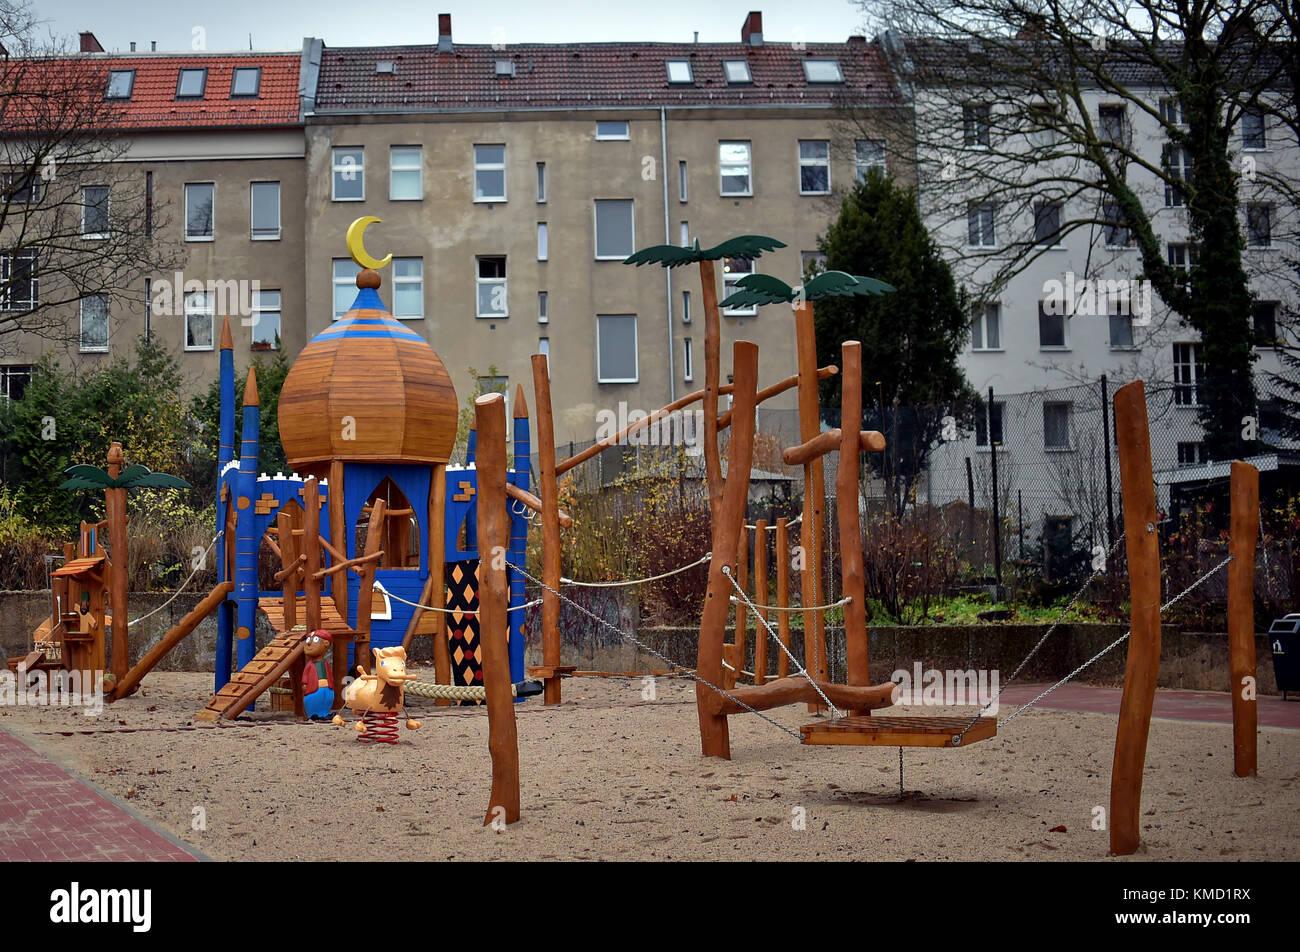 Klettergerüst English : Berlin neukölln deutschland dez ein klettergerüst